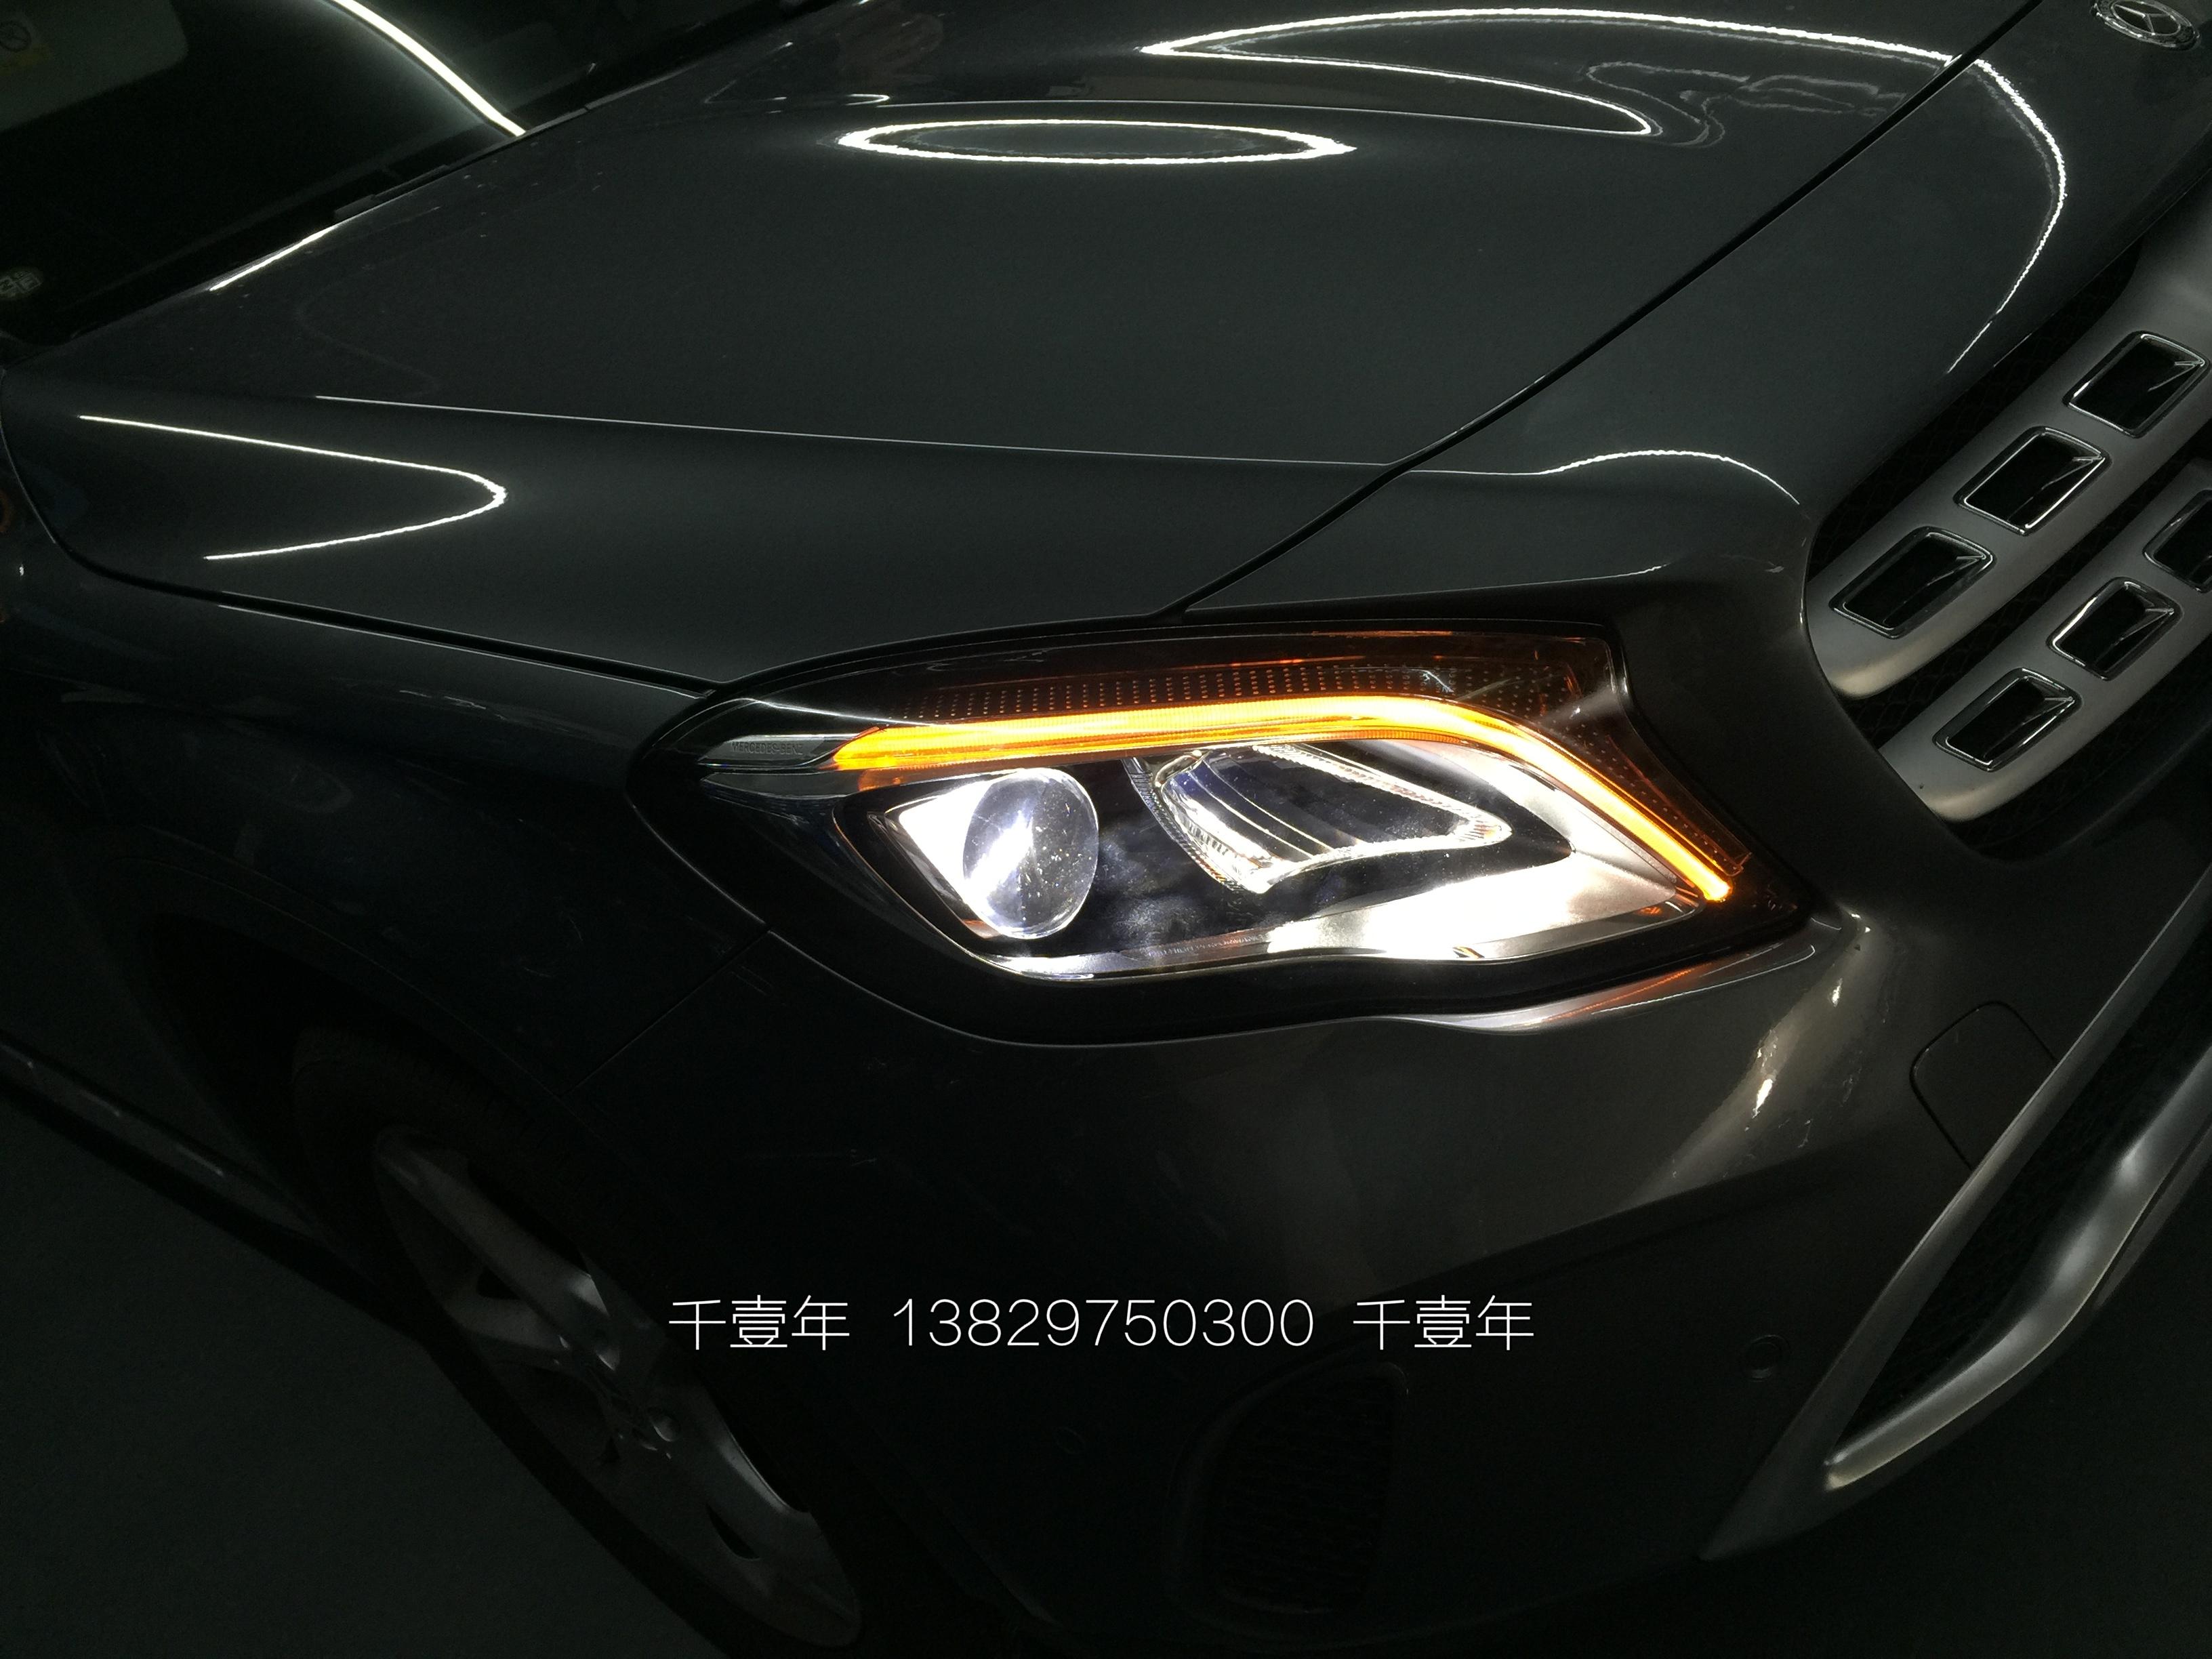 W156-奔驰GLA200卤素灯改造LED头灯